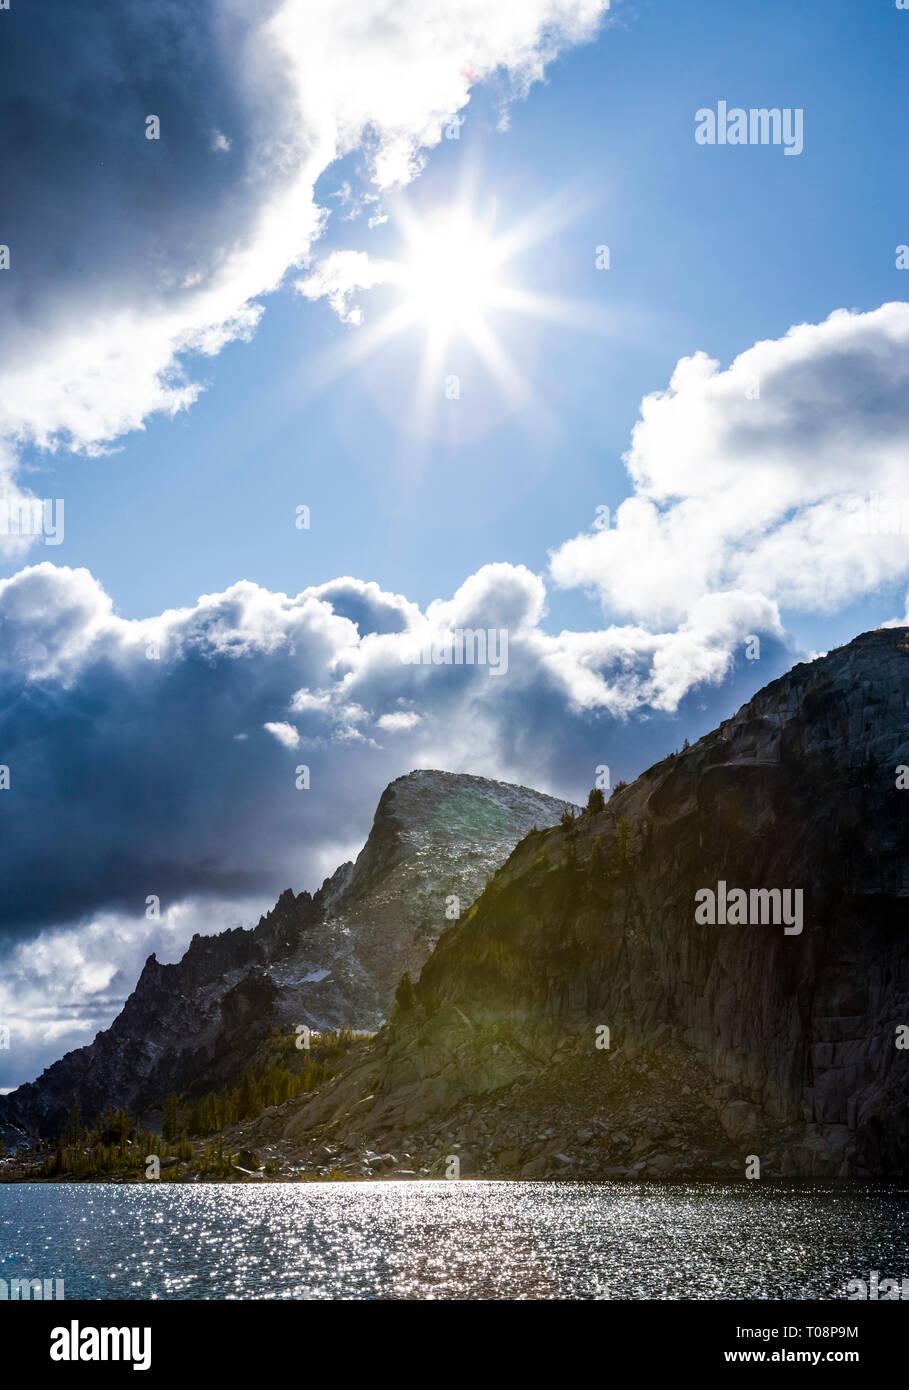 Auf der Suche nach oben in die Sonne über Perfektion See und wenig Annapurna Berg in der Verzauberung Seen Wilderness Area, Washington, USA. Stockbild